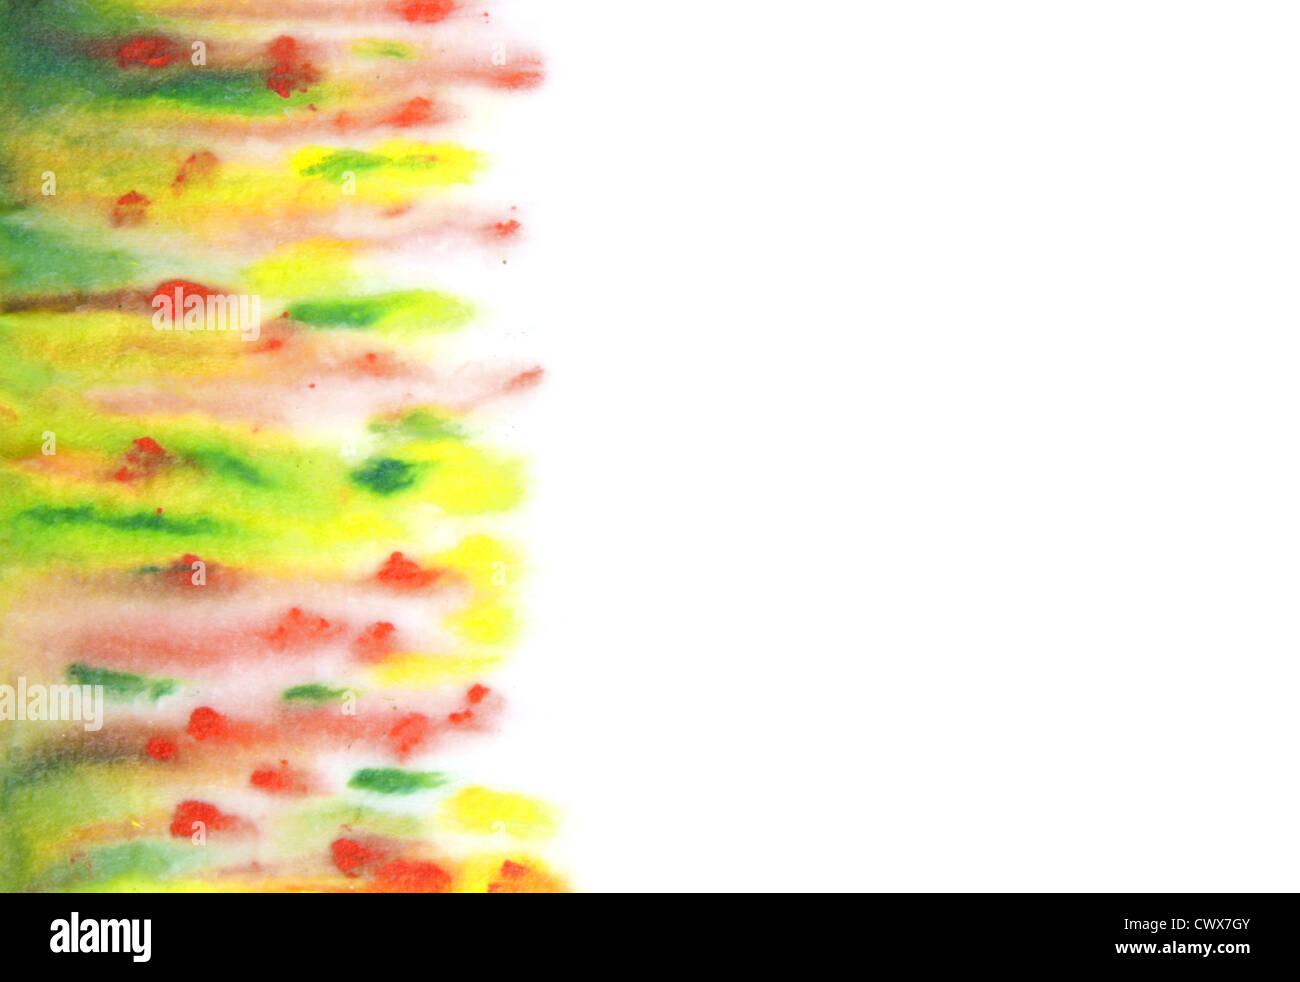 Abstract disegnati a mano sfondo ad acquerello Immagini Stock